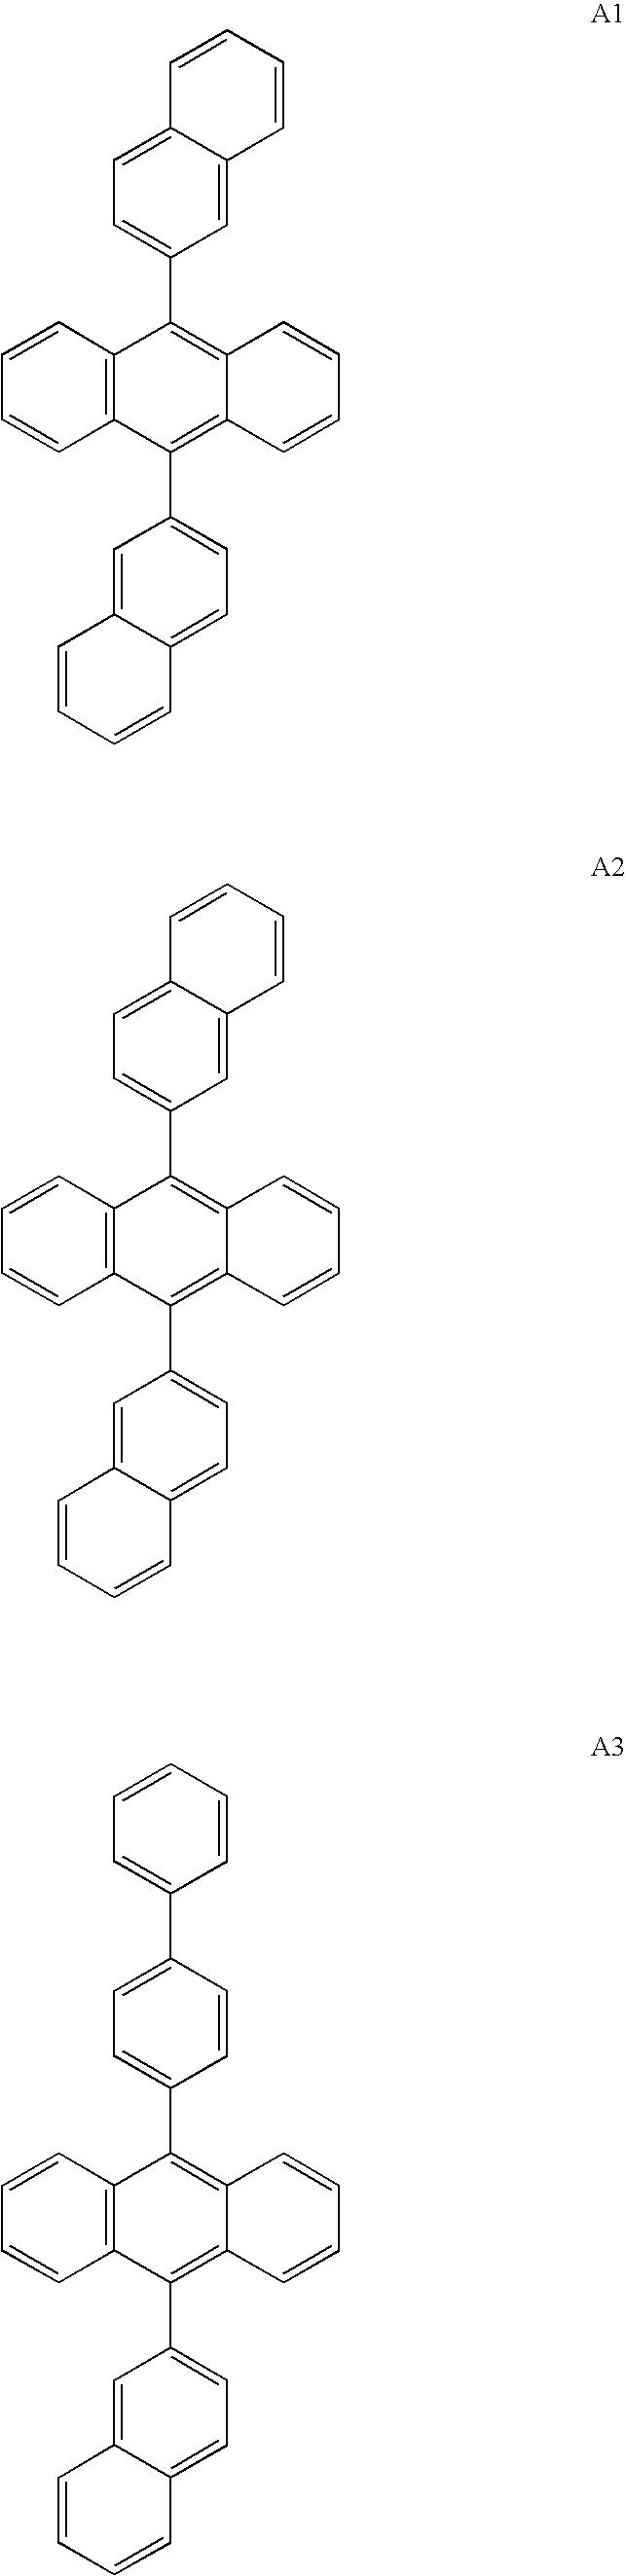 Figure US20090053559A1-20090226-C00002